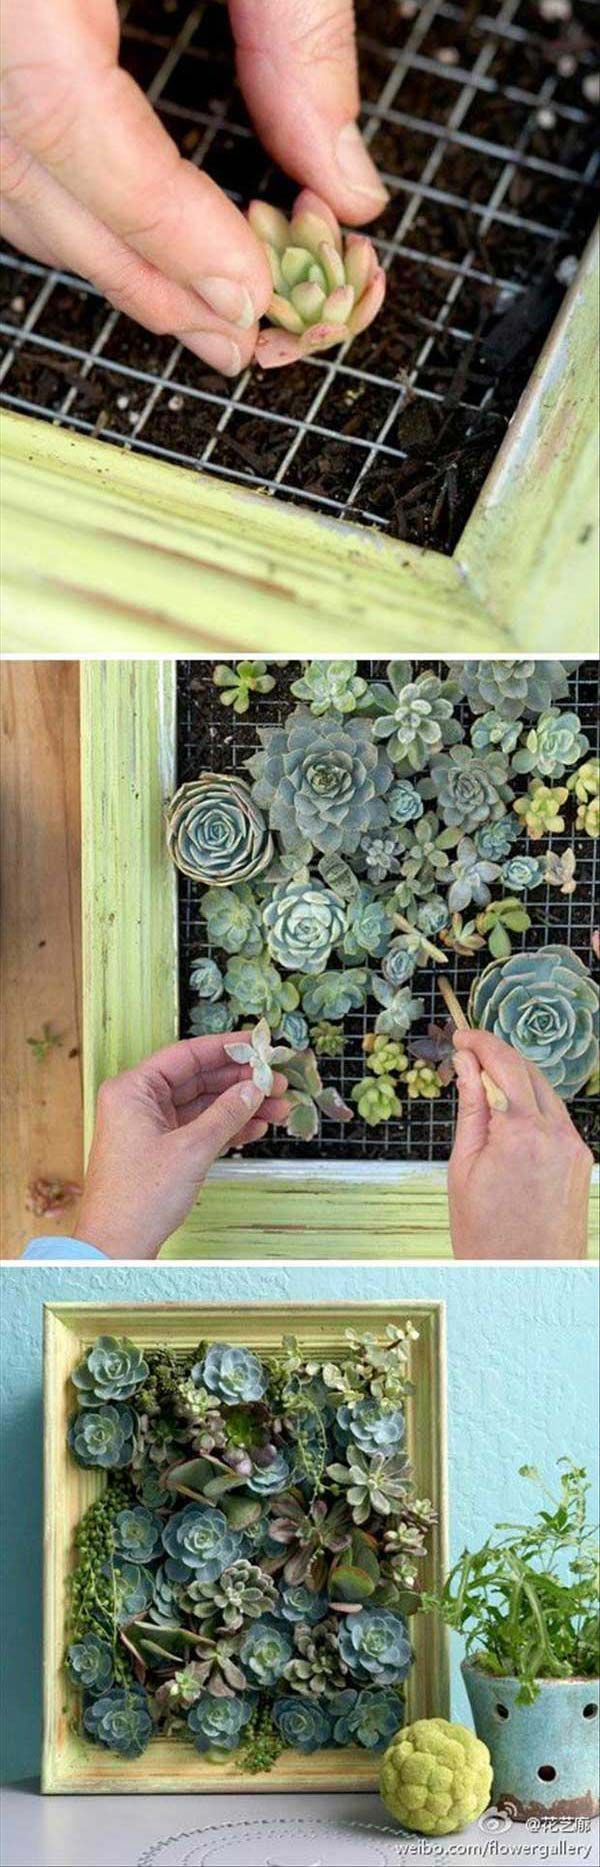 Top 24 fantastische Ideen, um Ihren Indoor-Minigarten zu präsentieren # #beautifulviews